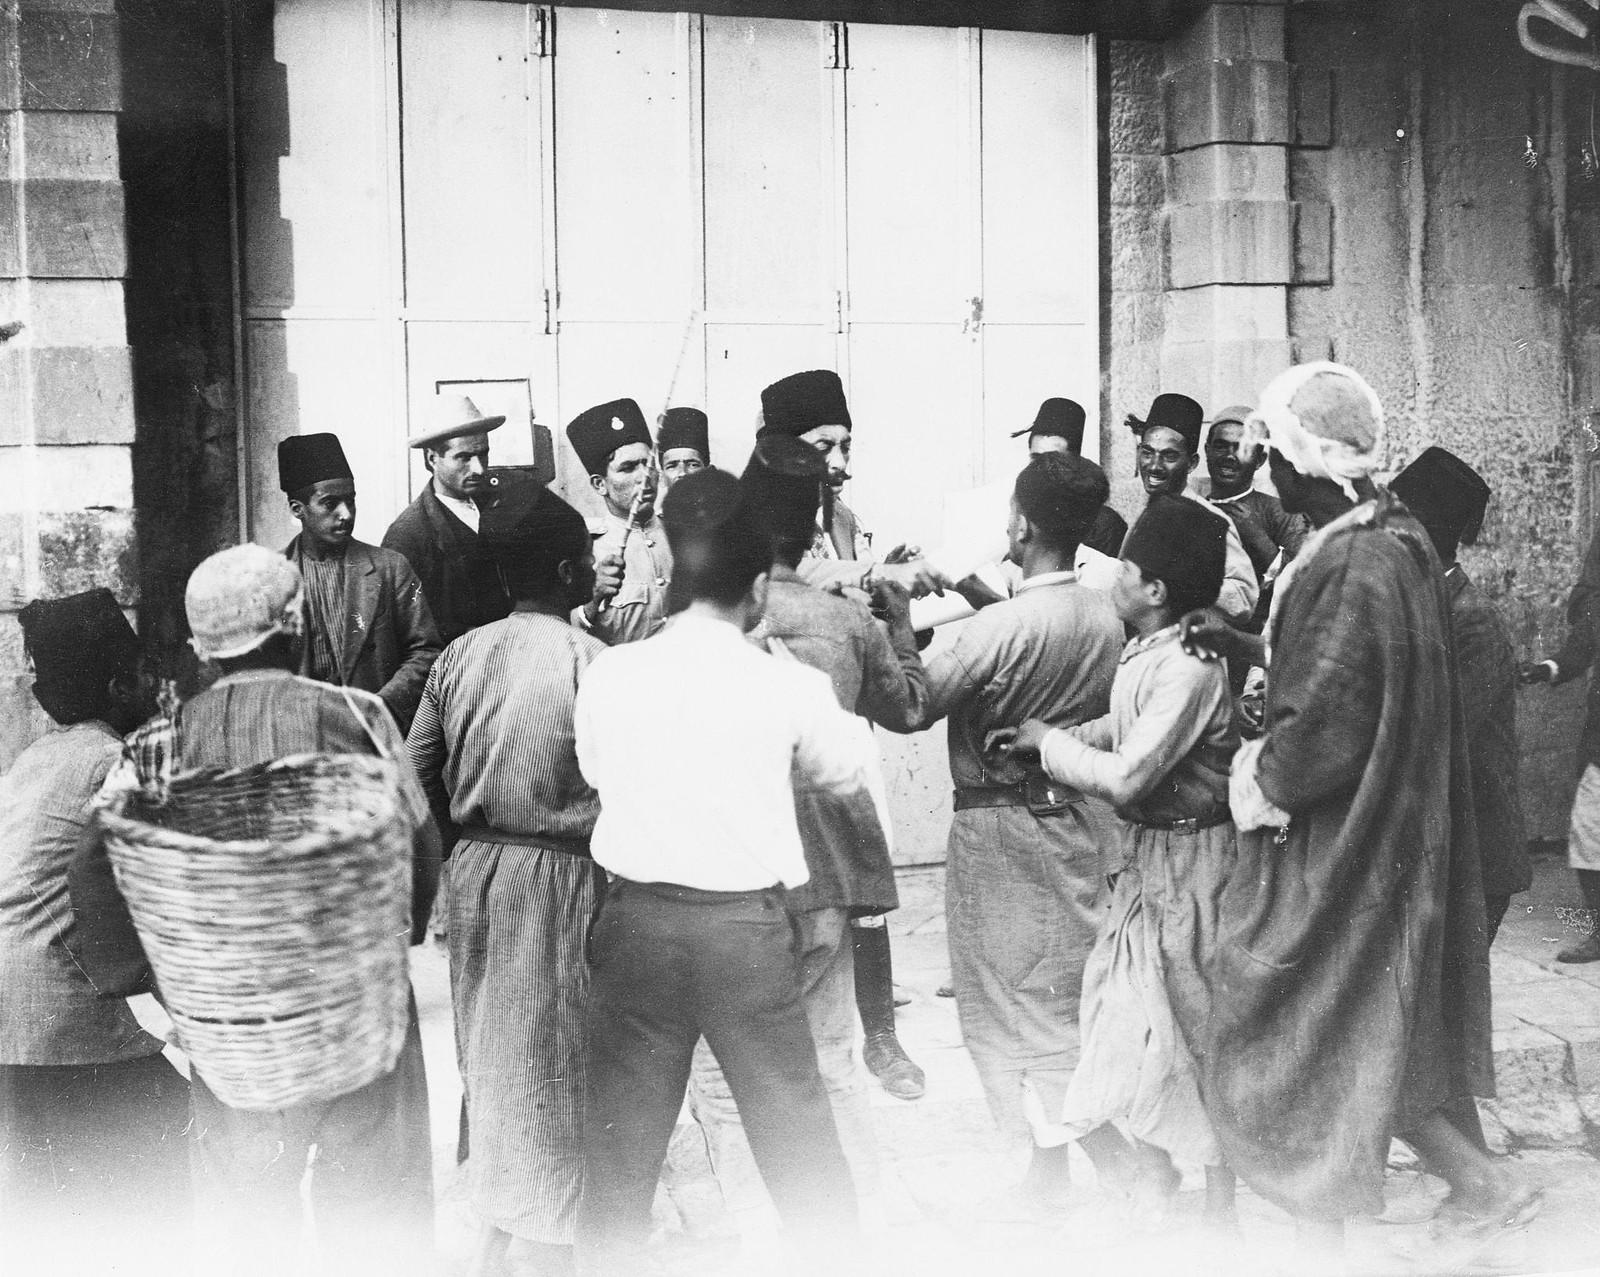 . 23–31 августа. Иерусалим. Группа палестинцев слушает прокламацию, выпущенную британским верховным комиссаром, в которой говорится, что любые нарушения правопорядка будут рассматриваться британским военным судом